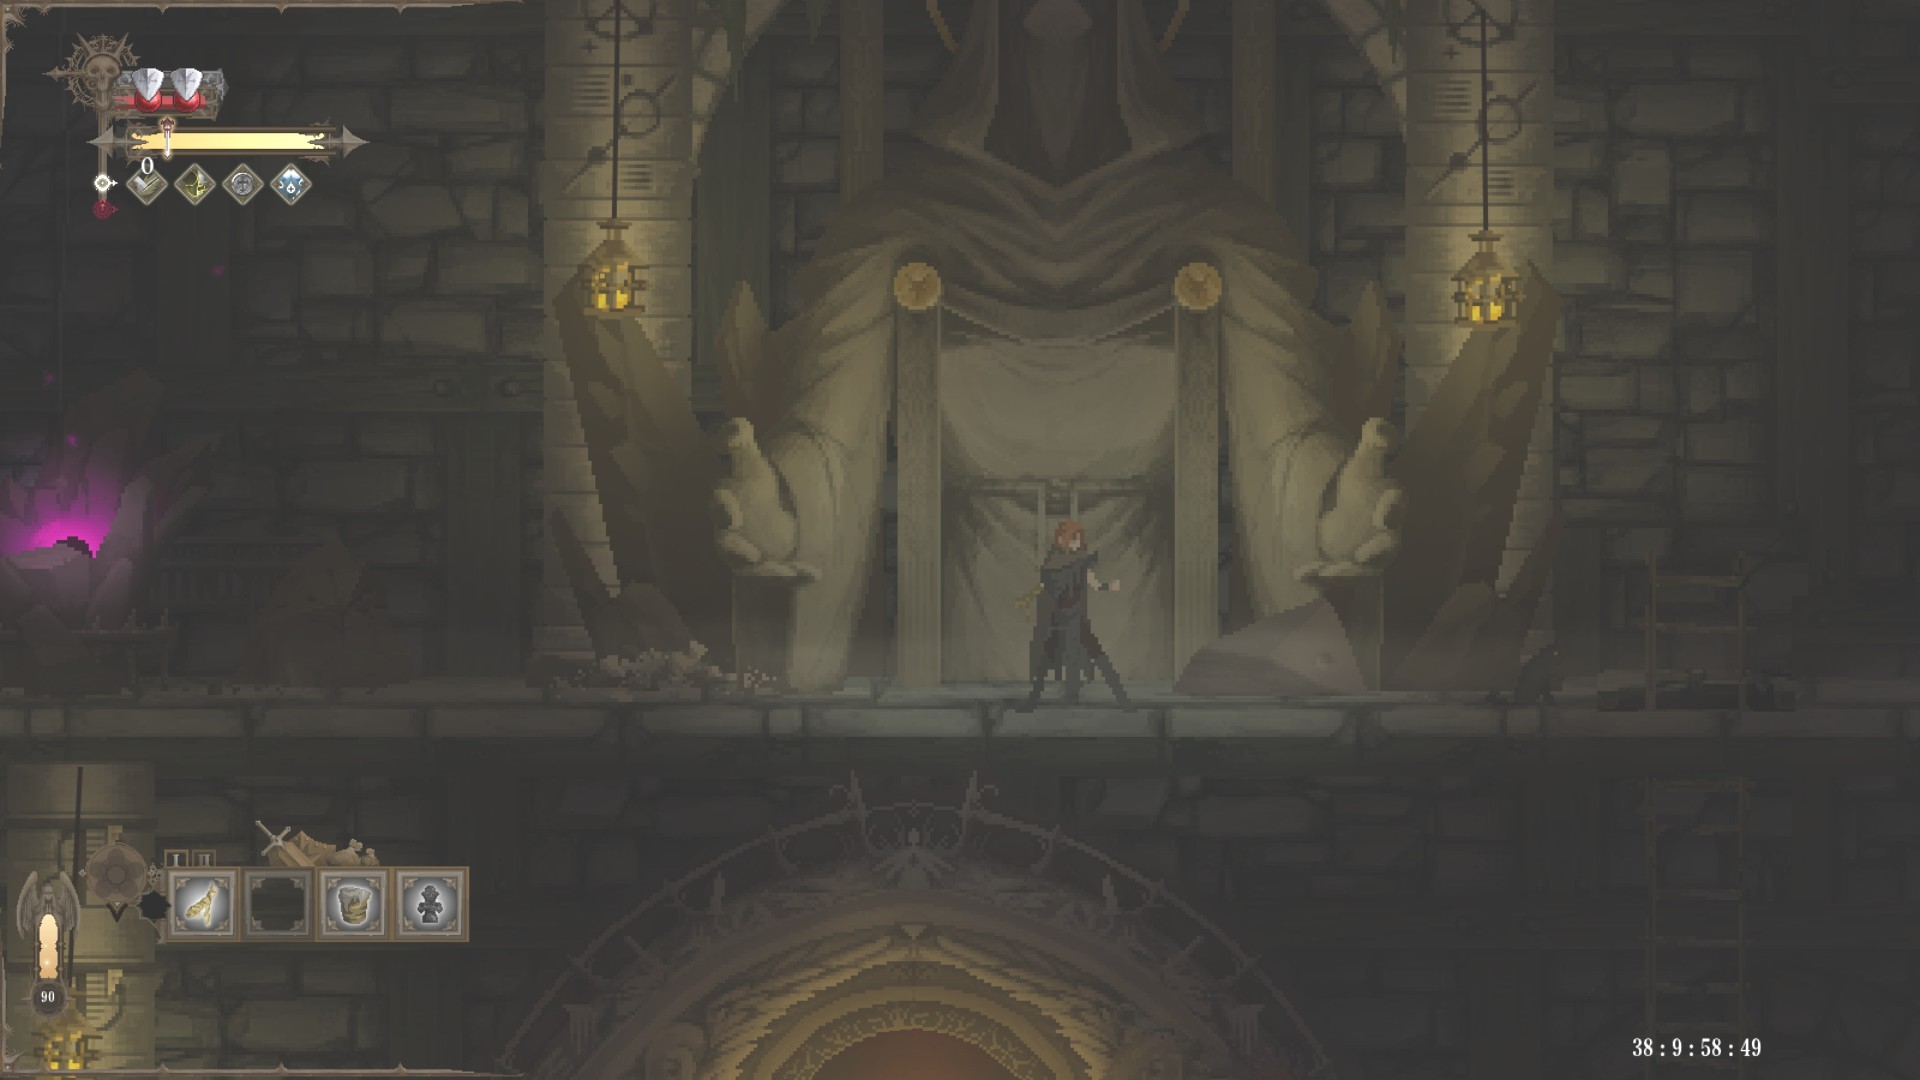 《黑暗献祭》评测:创新的宗教题材,慢节奏的战斗玩法